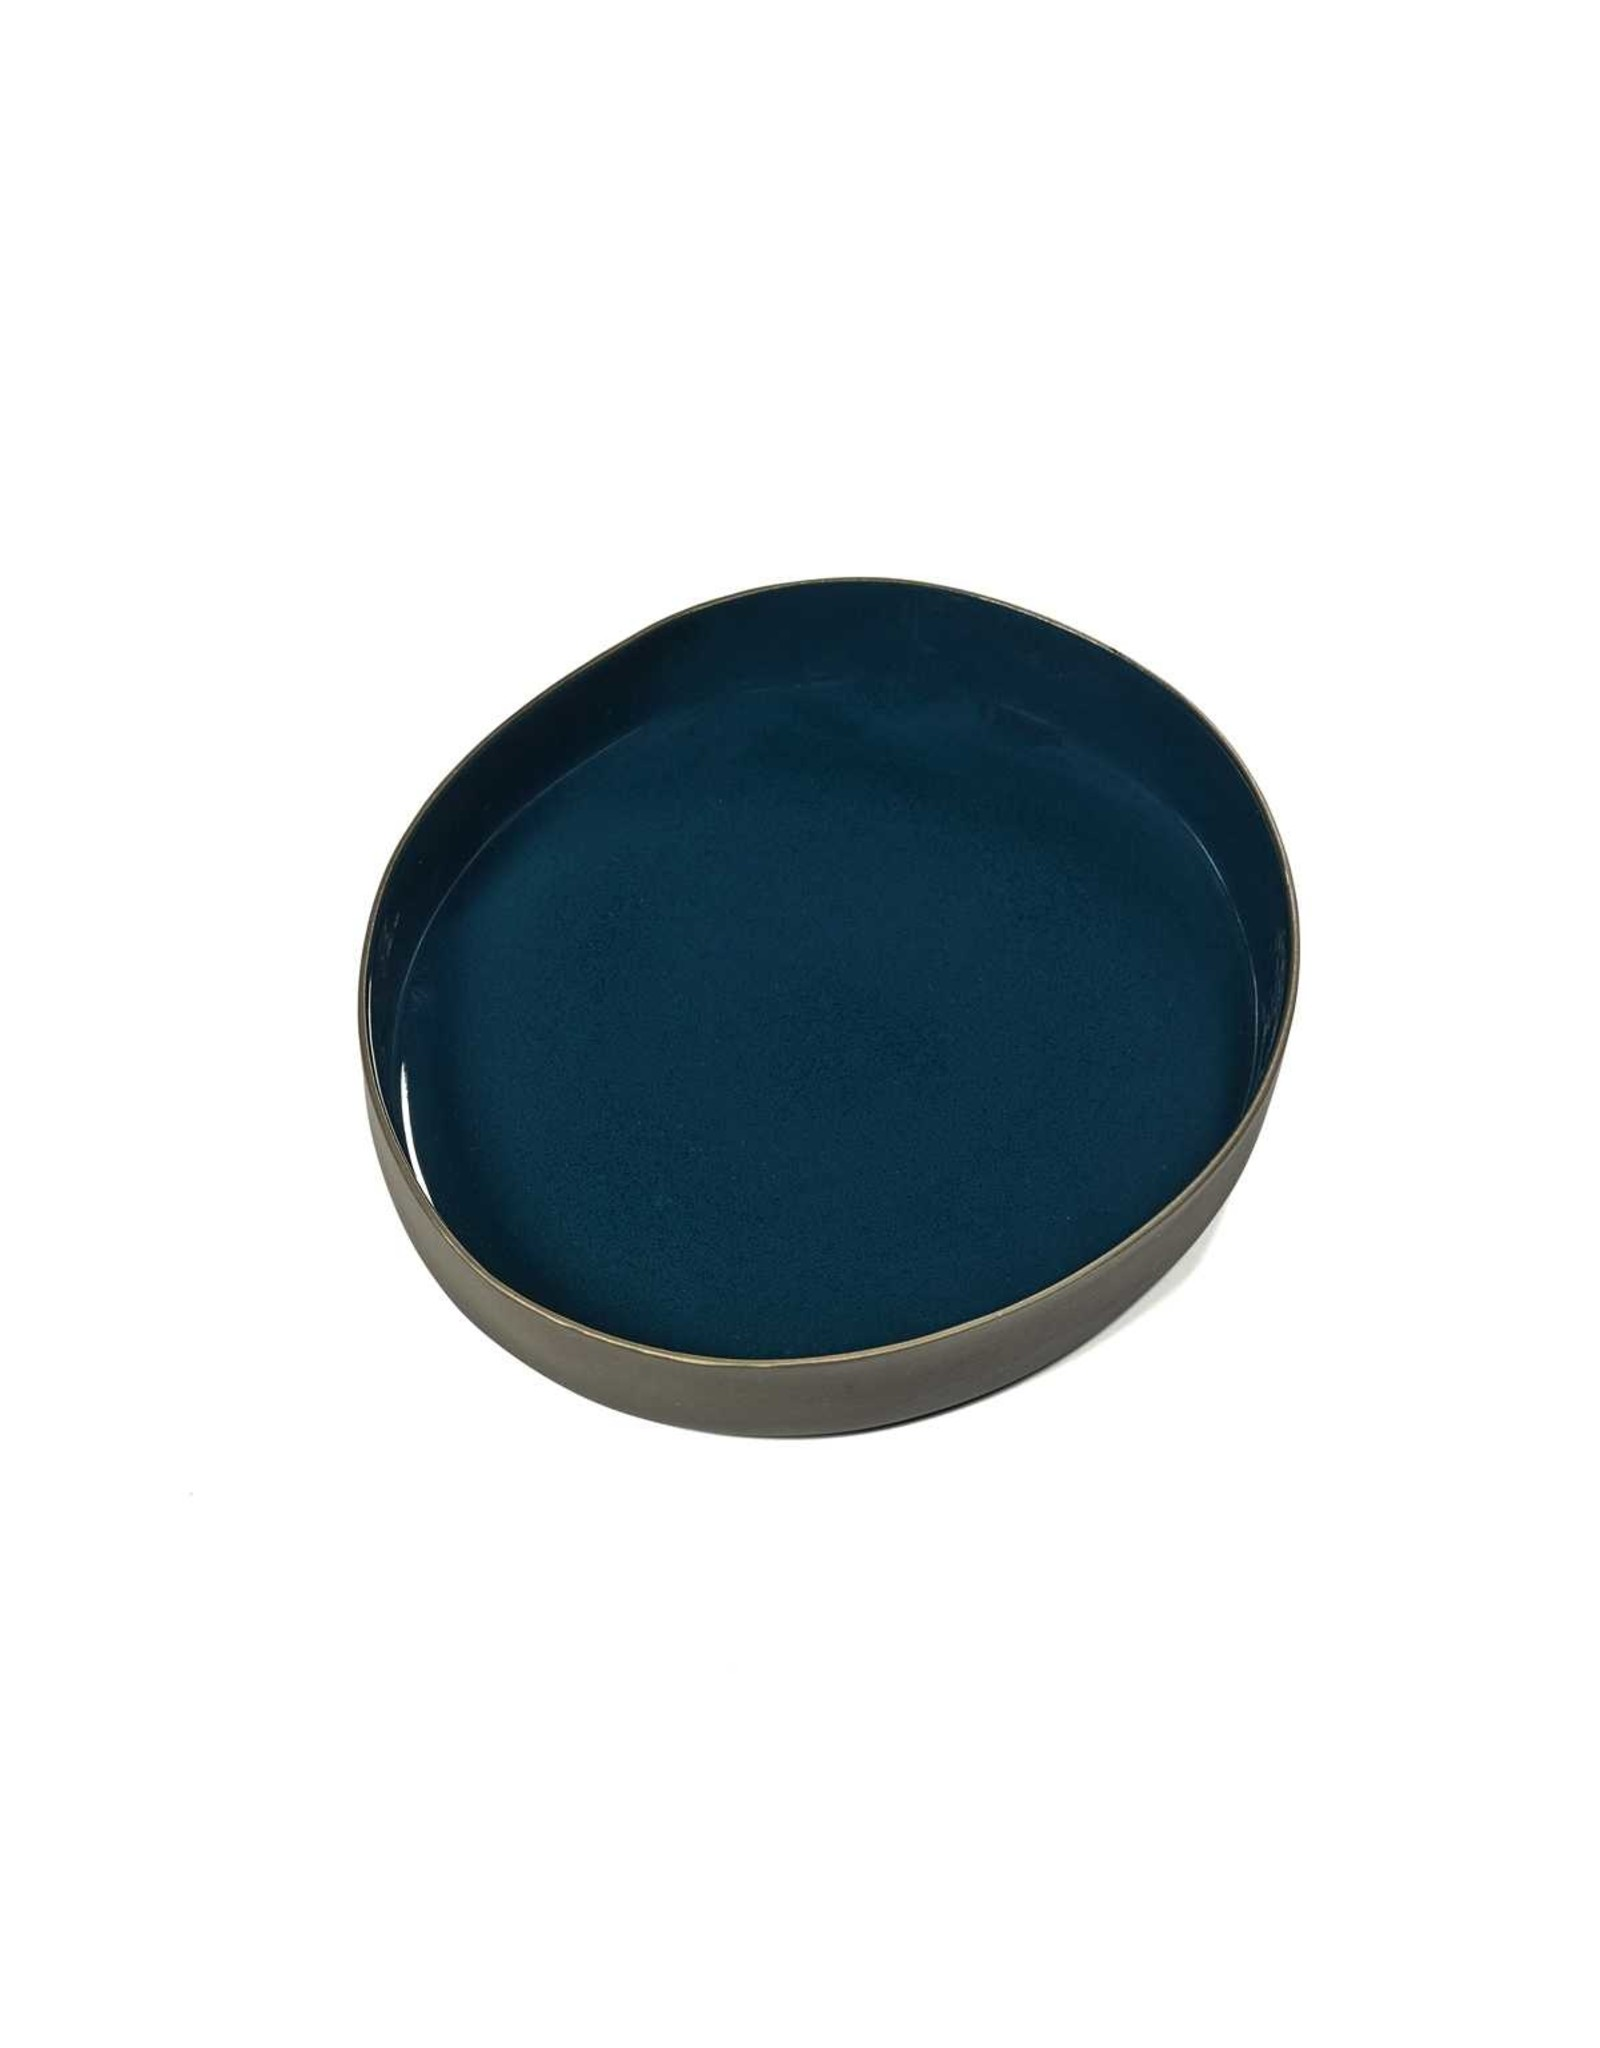 Serax NV Serveerkom RUR:AL L29 x B25 x H4cm blauw